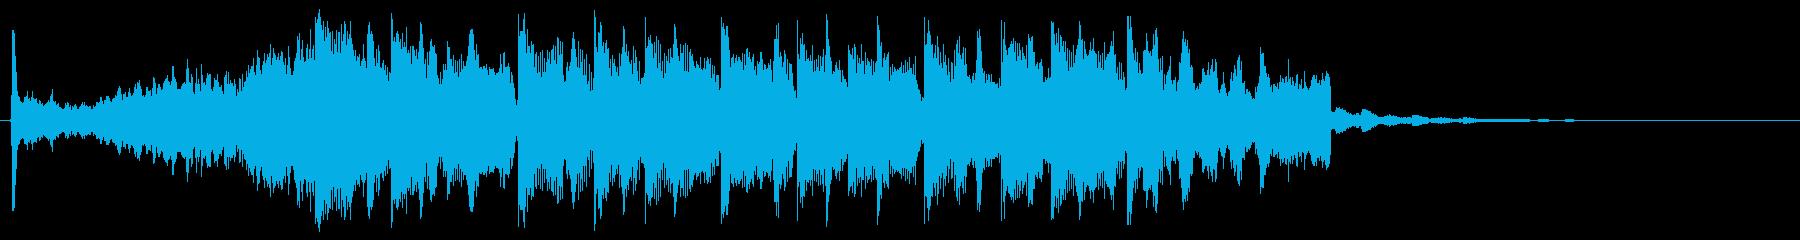 可愛い 綺麗 きらきらした15秒CMの再生済みの波形